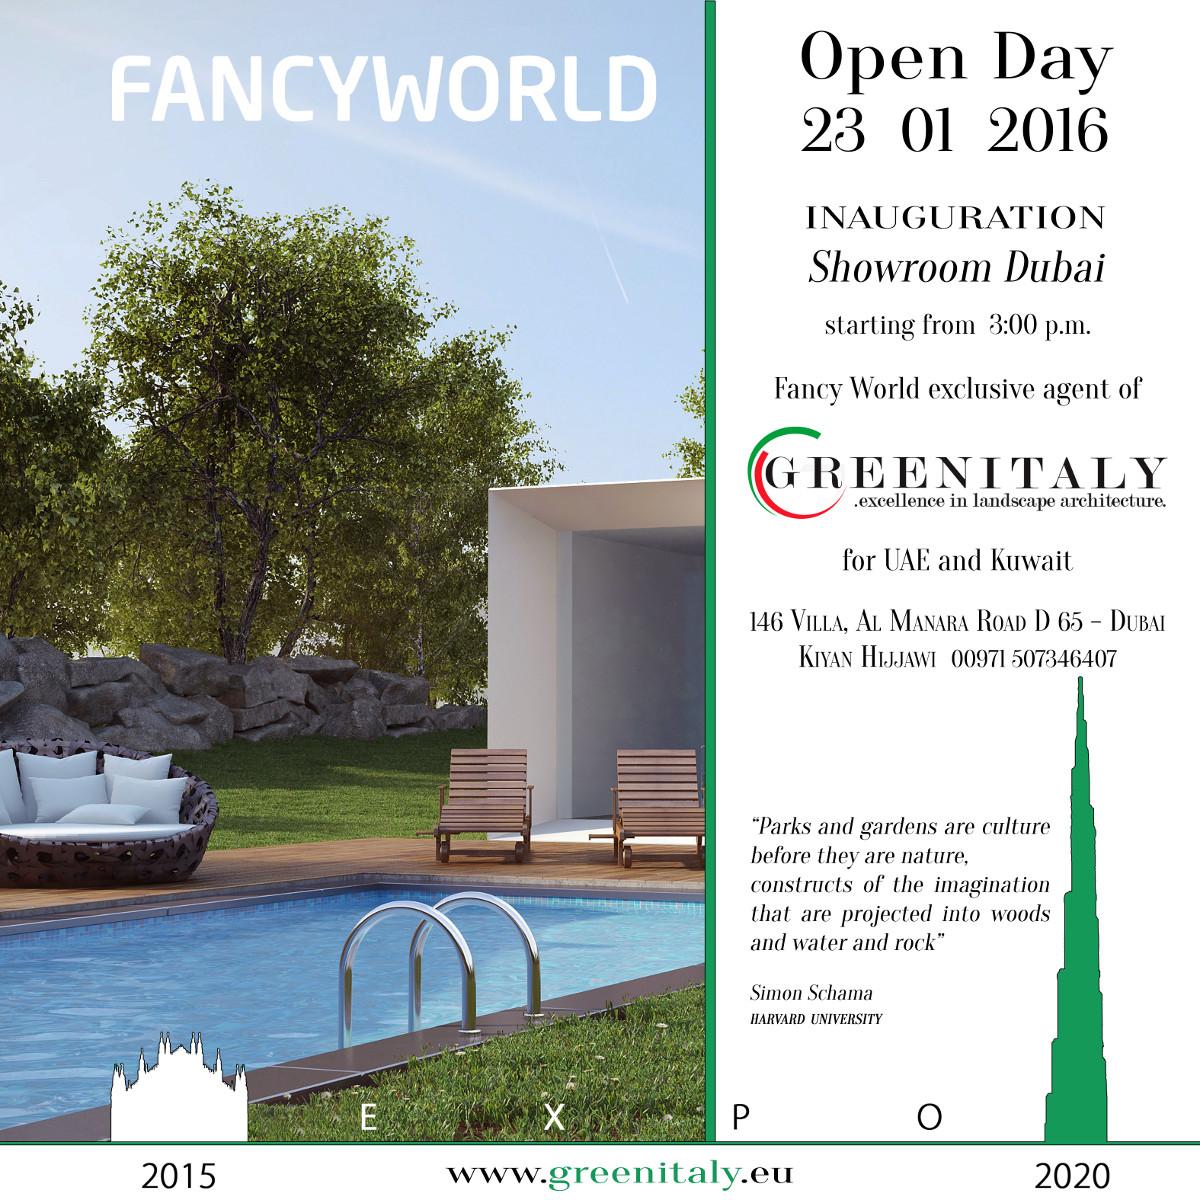 invito inaugurazione greenitaly